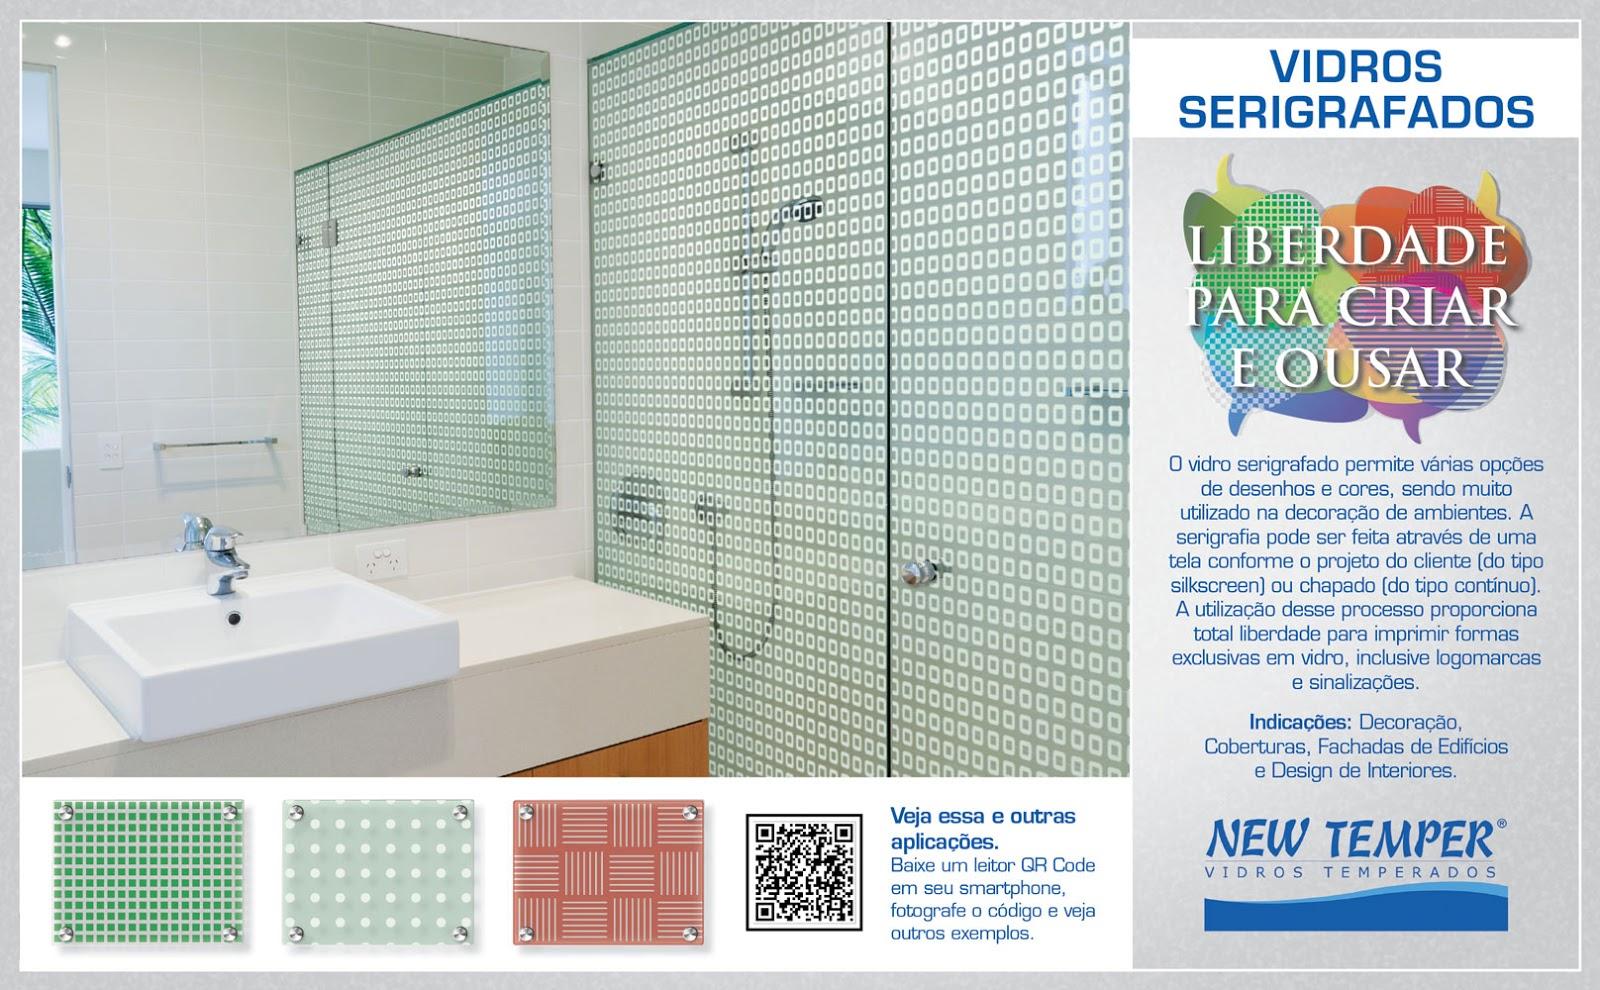 Vidros Espelhos e Box para Banheiro Catete RJ Fone:(21) 2293 3149  #266695 1600x990 Banheiro Com Vidro Serigrafado